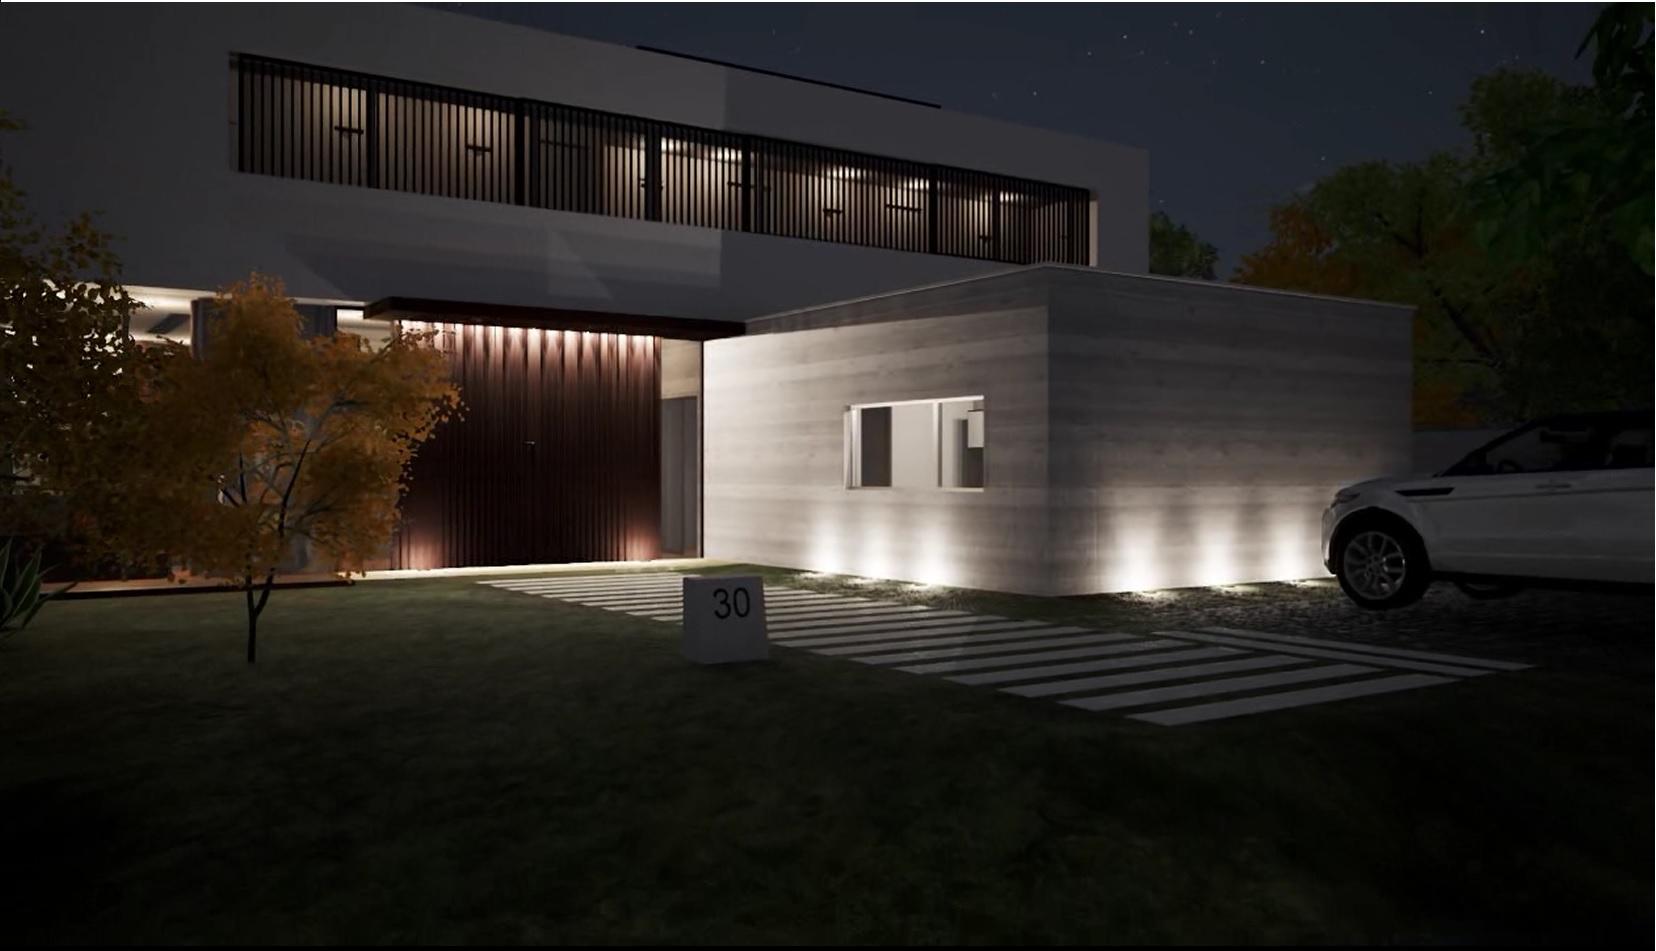 Progettare l 39 illuminazione esterna di un edificio con un for Software di progettazione per la casa